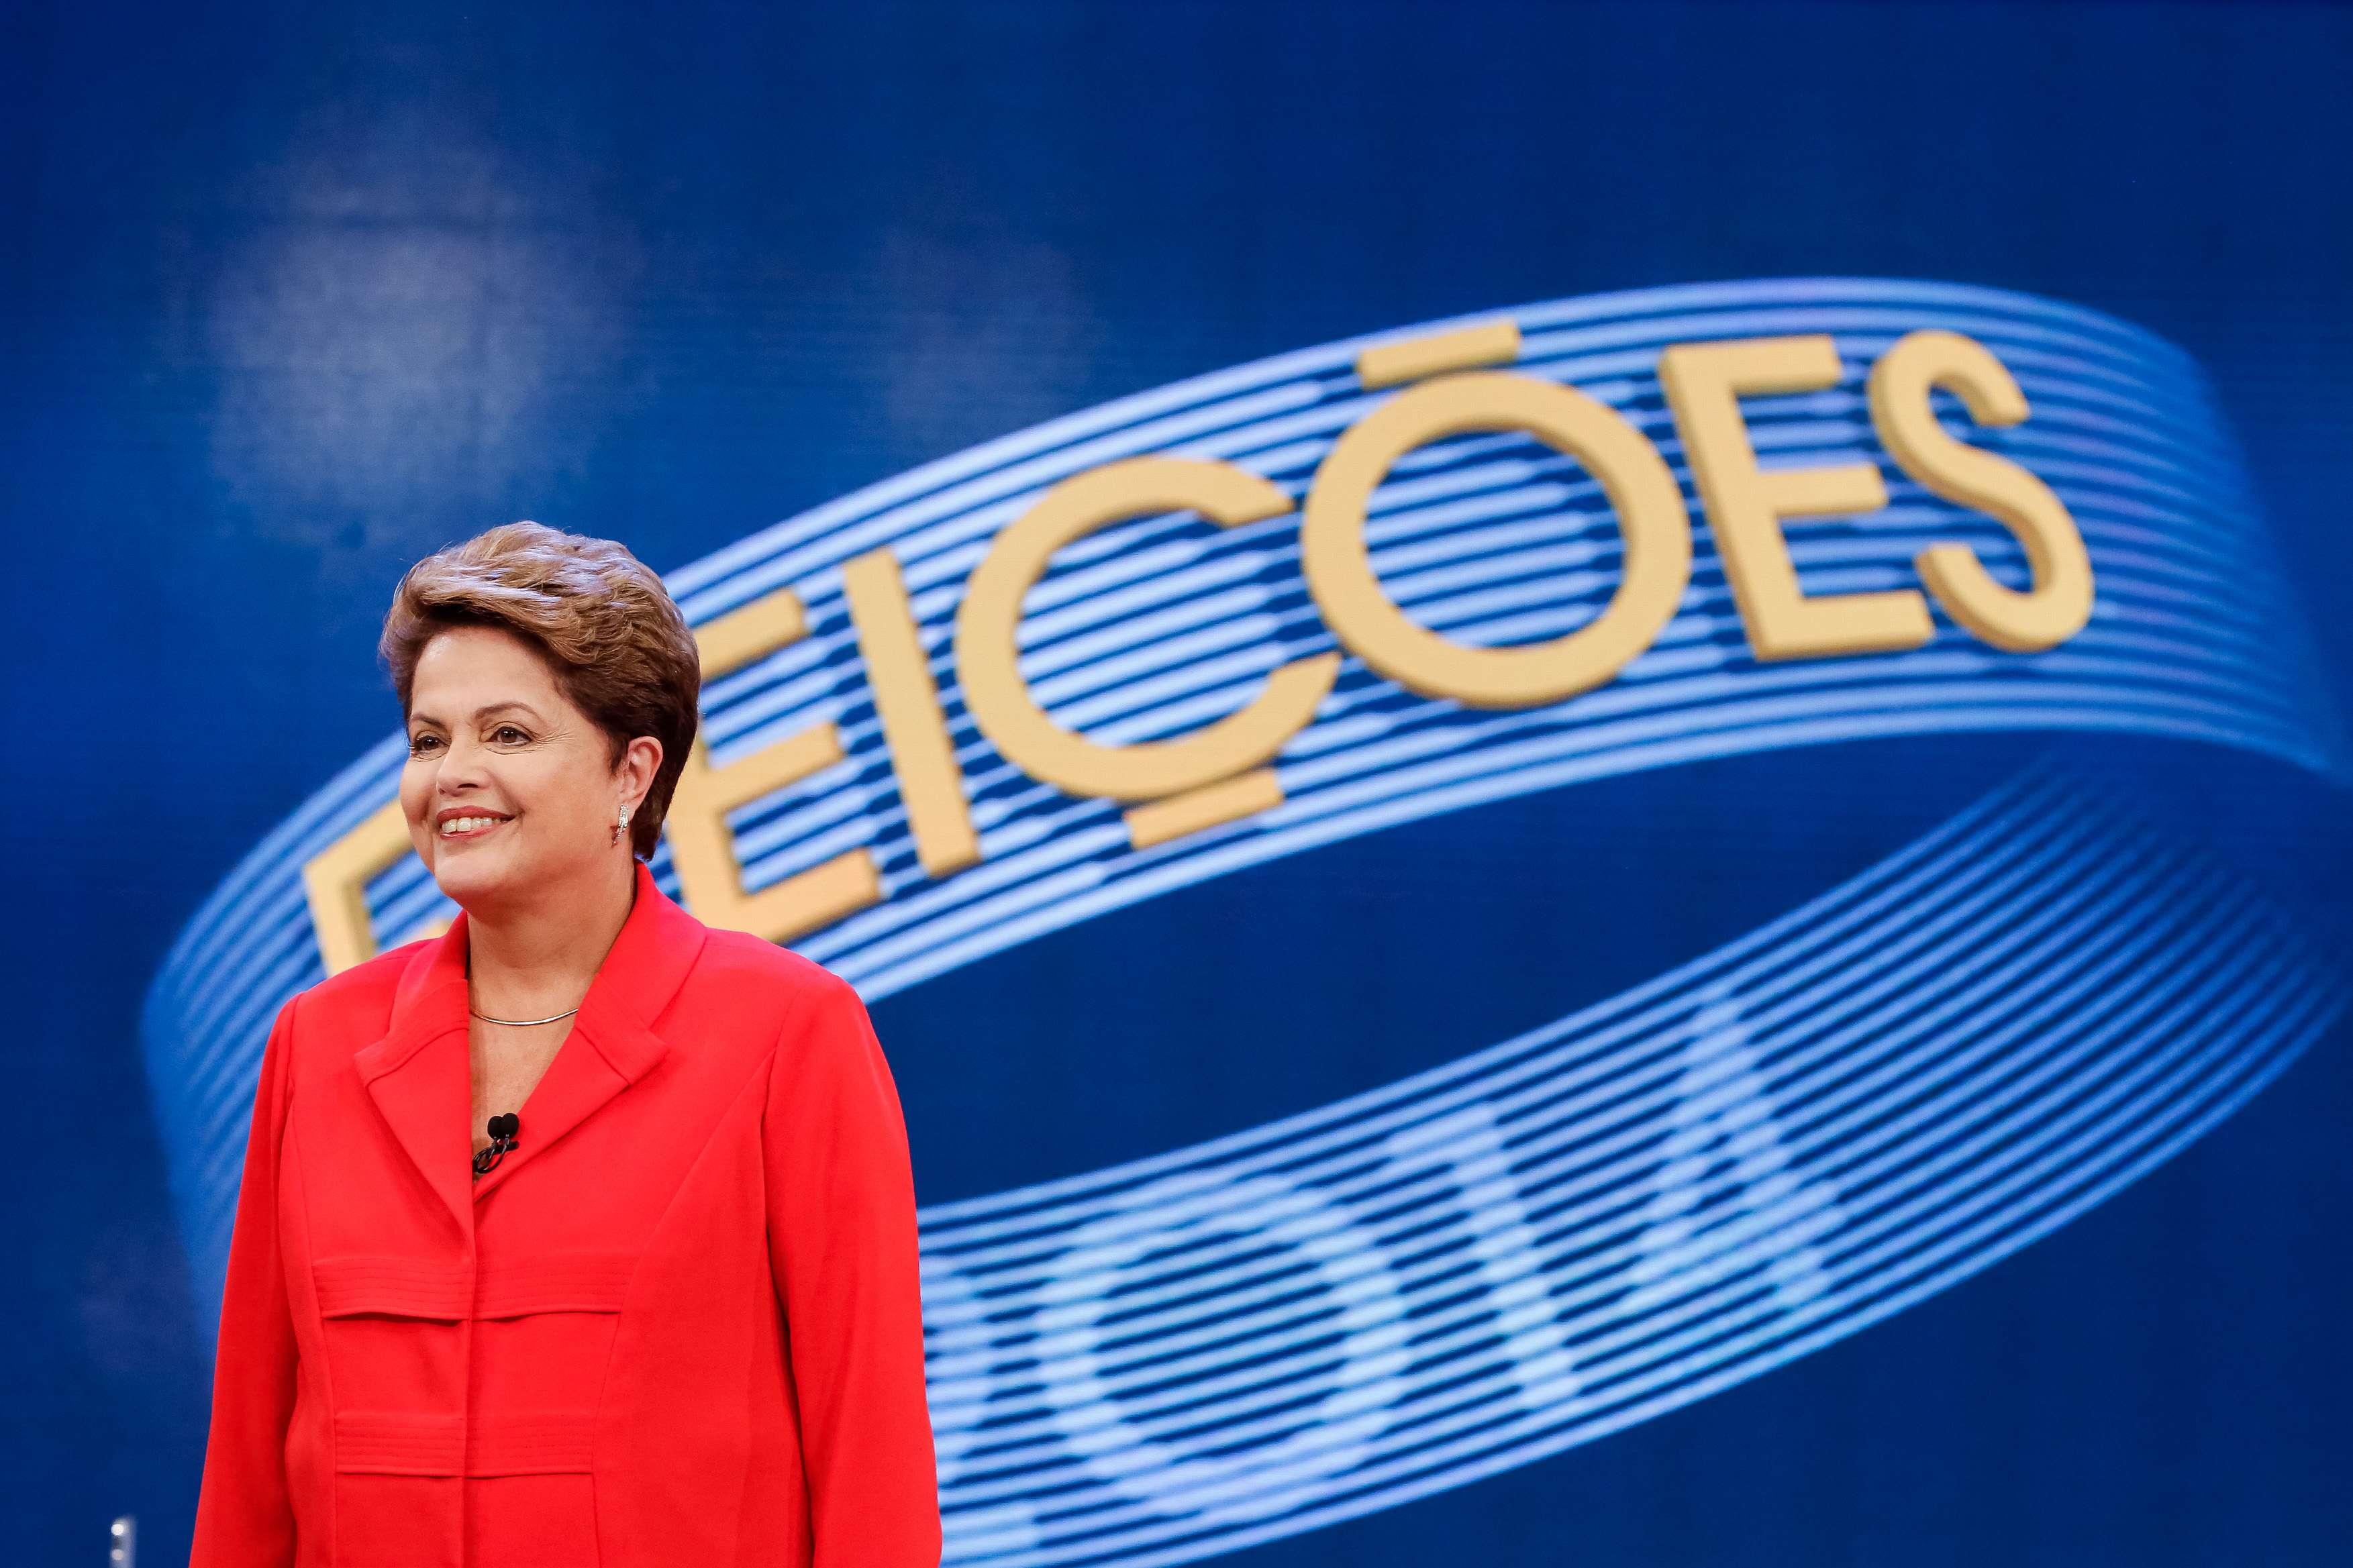 Dilma Rousseff (PT) durante o debate na TV Globo nesta sexta-feira Foto: Fotos públicas/Ichiro Guerra/Dilma 13/Divulgação